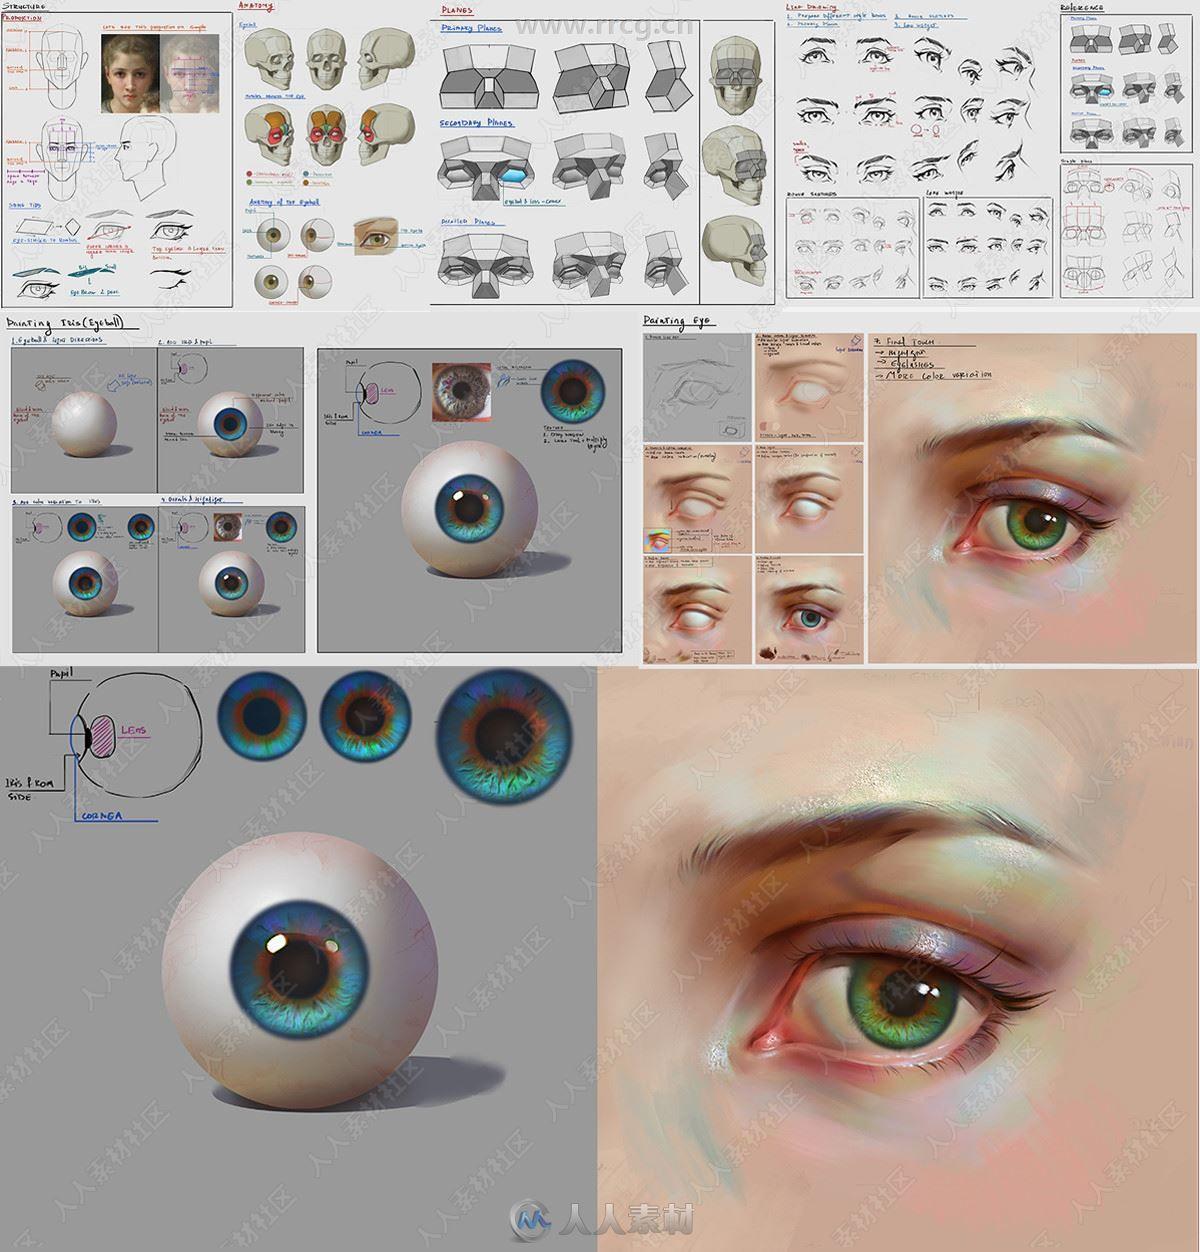 人物角色面部特征眼嘴鼻数字绘画视频教程